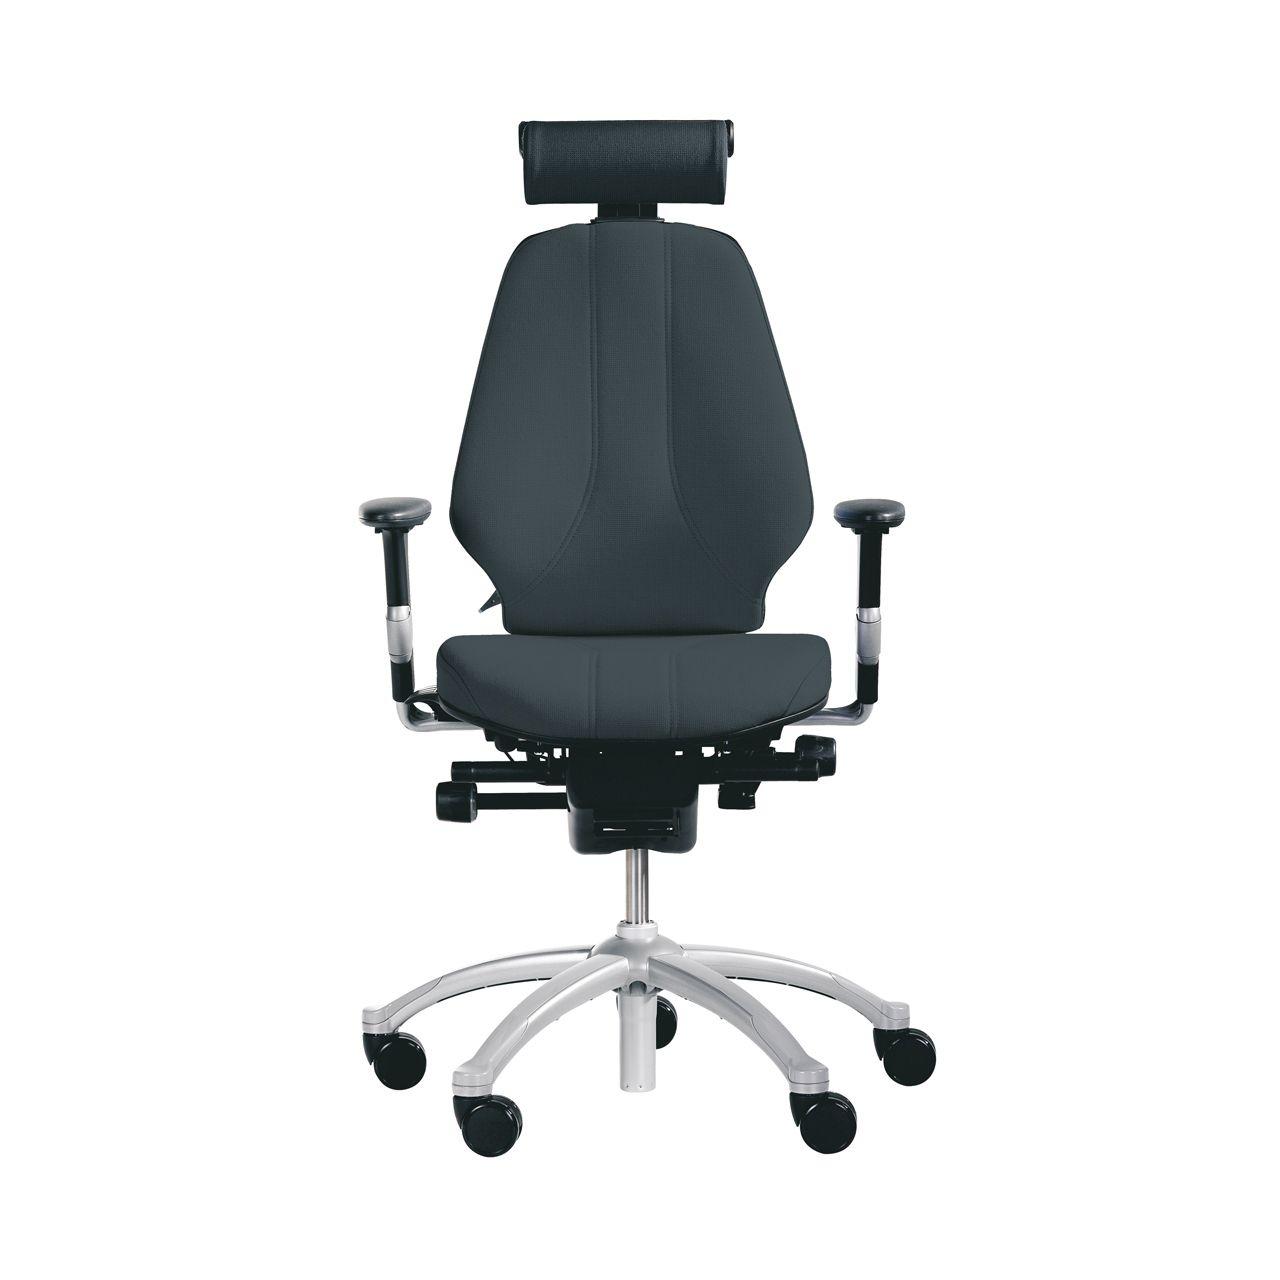 Bureaustoel Met Neksteun.Rh Logic 300 Ergonomische Bureaustoel Health2work Health2work